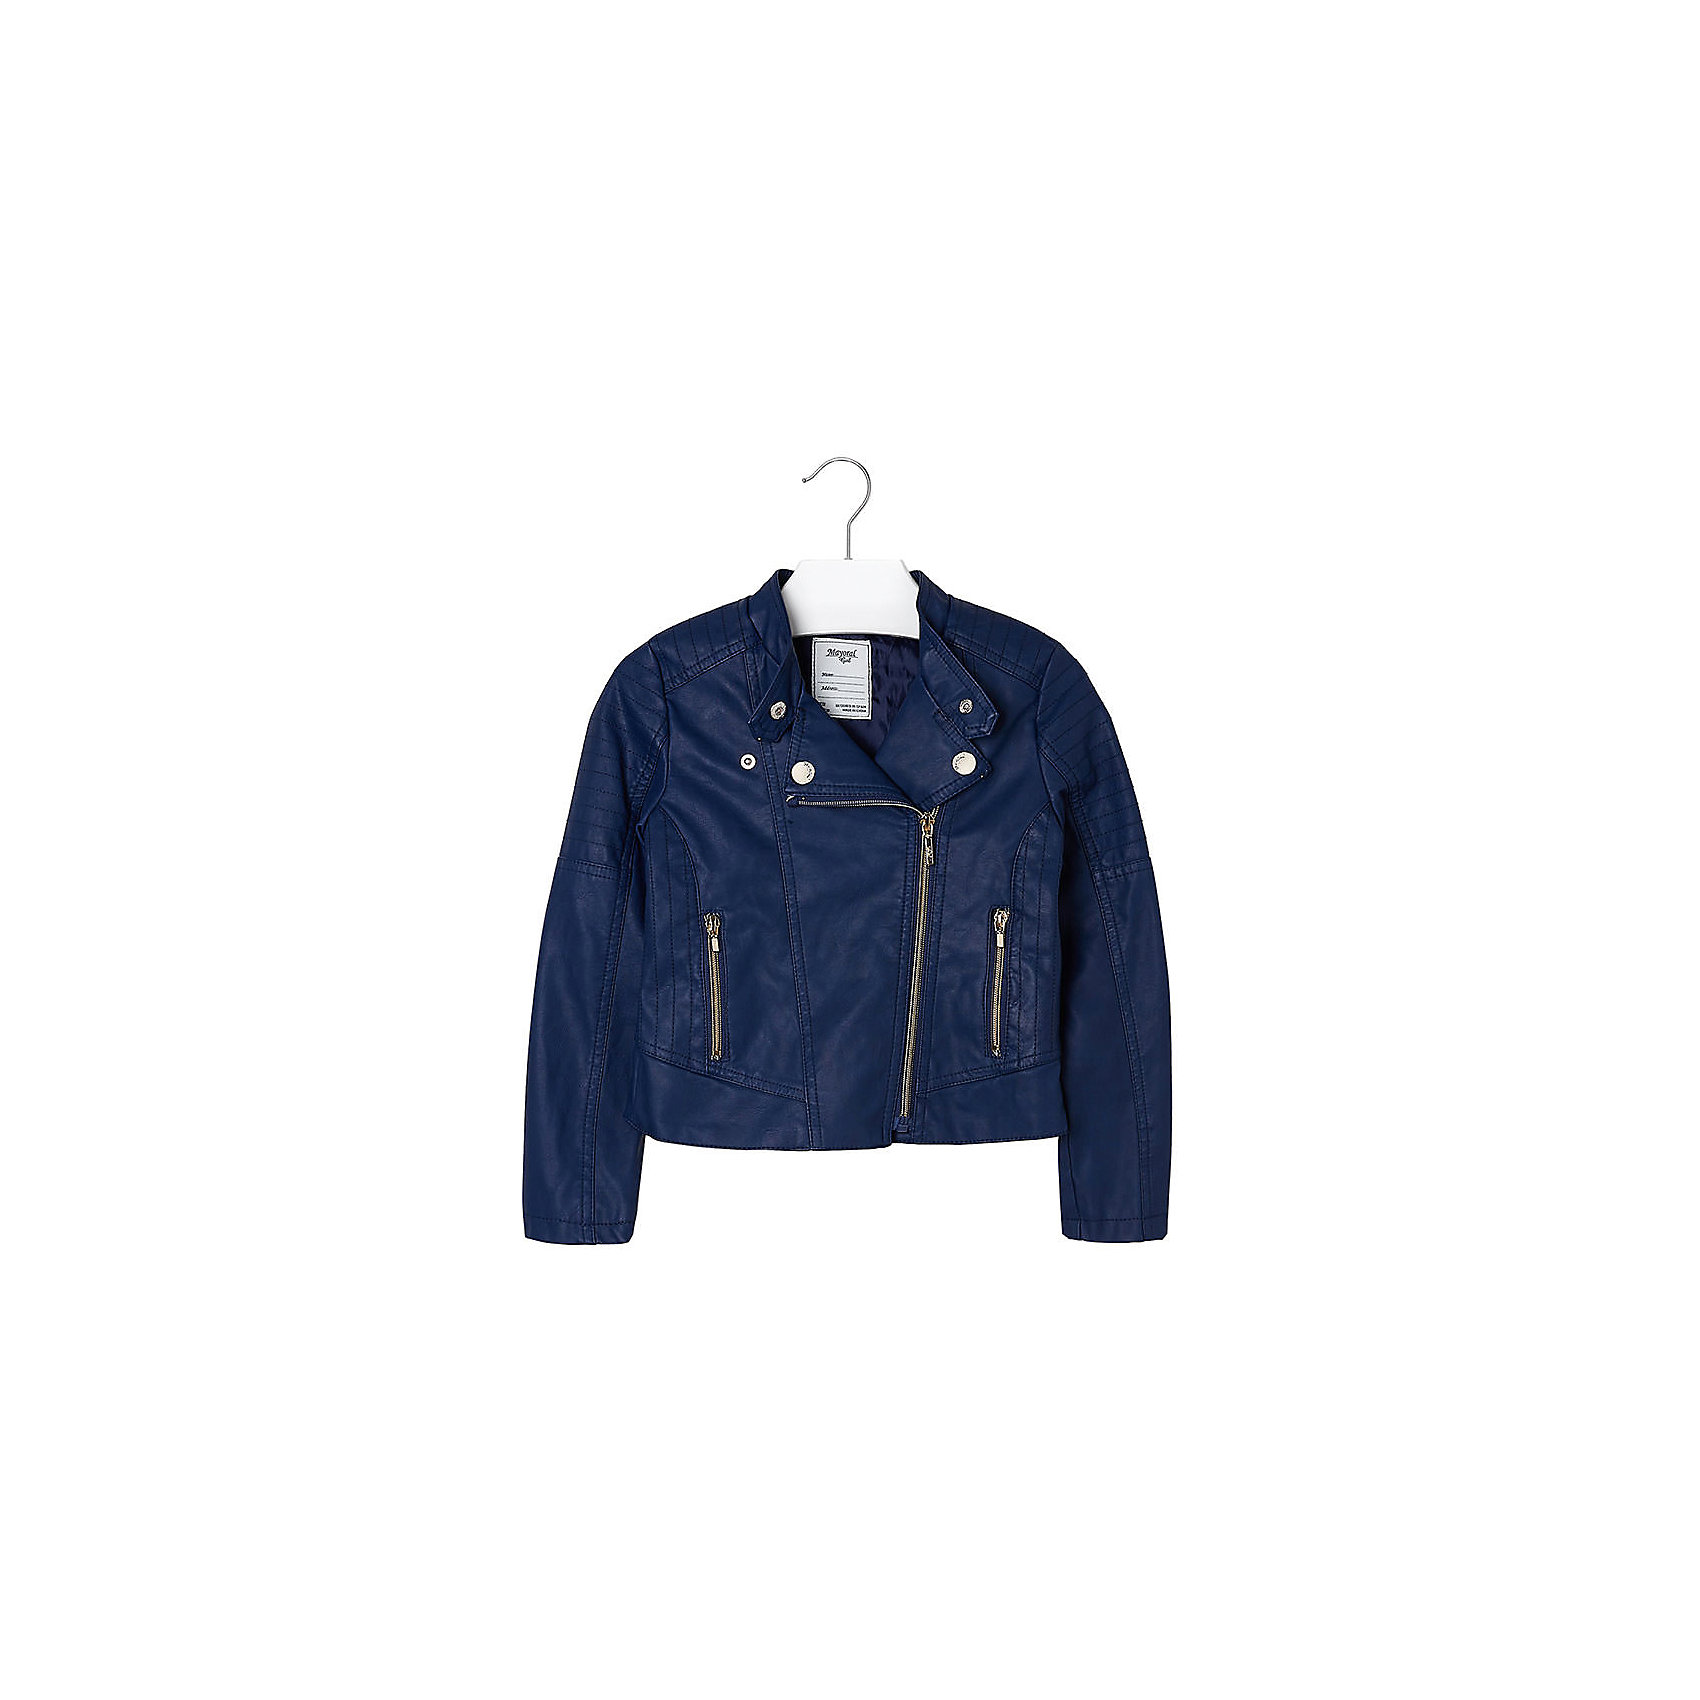 Куртка для девочки MayoralКуртка для девочки от известной испанской марки Mayoral приведет в восторг любую девочку и добавит образу юной модницы оригинальность и стиль. <br><br>Дополнительная информация:<br><br>- Стильный, актуальный дизайн.<br>- Застегивается на молнию.<br>- Воротник-стойка застегивается на кнопки.<br>- 2 передних кармана на молнии.<br>- Декоративная отстрочка.<br>- Декоративные складки на спине.<br>- Состав: верх - 100% полиуретан, подкладка - 100% полиэстер. <br><br>Куртку для девочки Mayoral (Майорал) можно купить в нашем магазине.<br><br>Ширина мм: 356<br>Глубина мм: 10<br>Высота мм: 245<br>Вес г: 519<br>Цвет: синий<br>Возраст от месяцев: 84<br>Возраст до месяцев: 96<br>Пол: Женский<br>Возраст: Детский<br>Размер: 128,170,140,152,158,164<br>SKU: 4538538